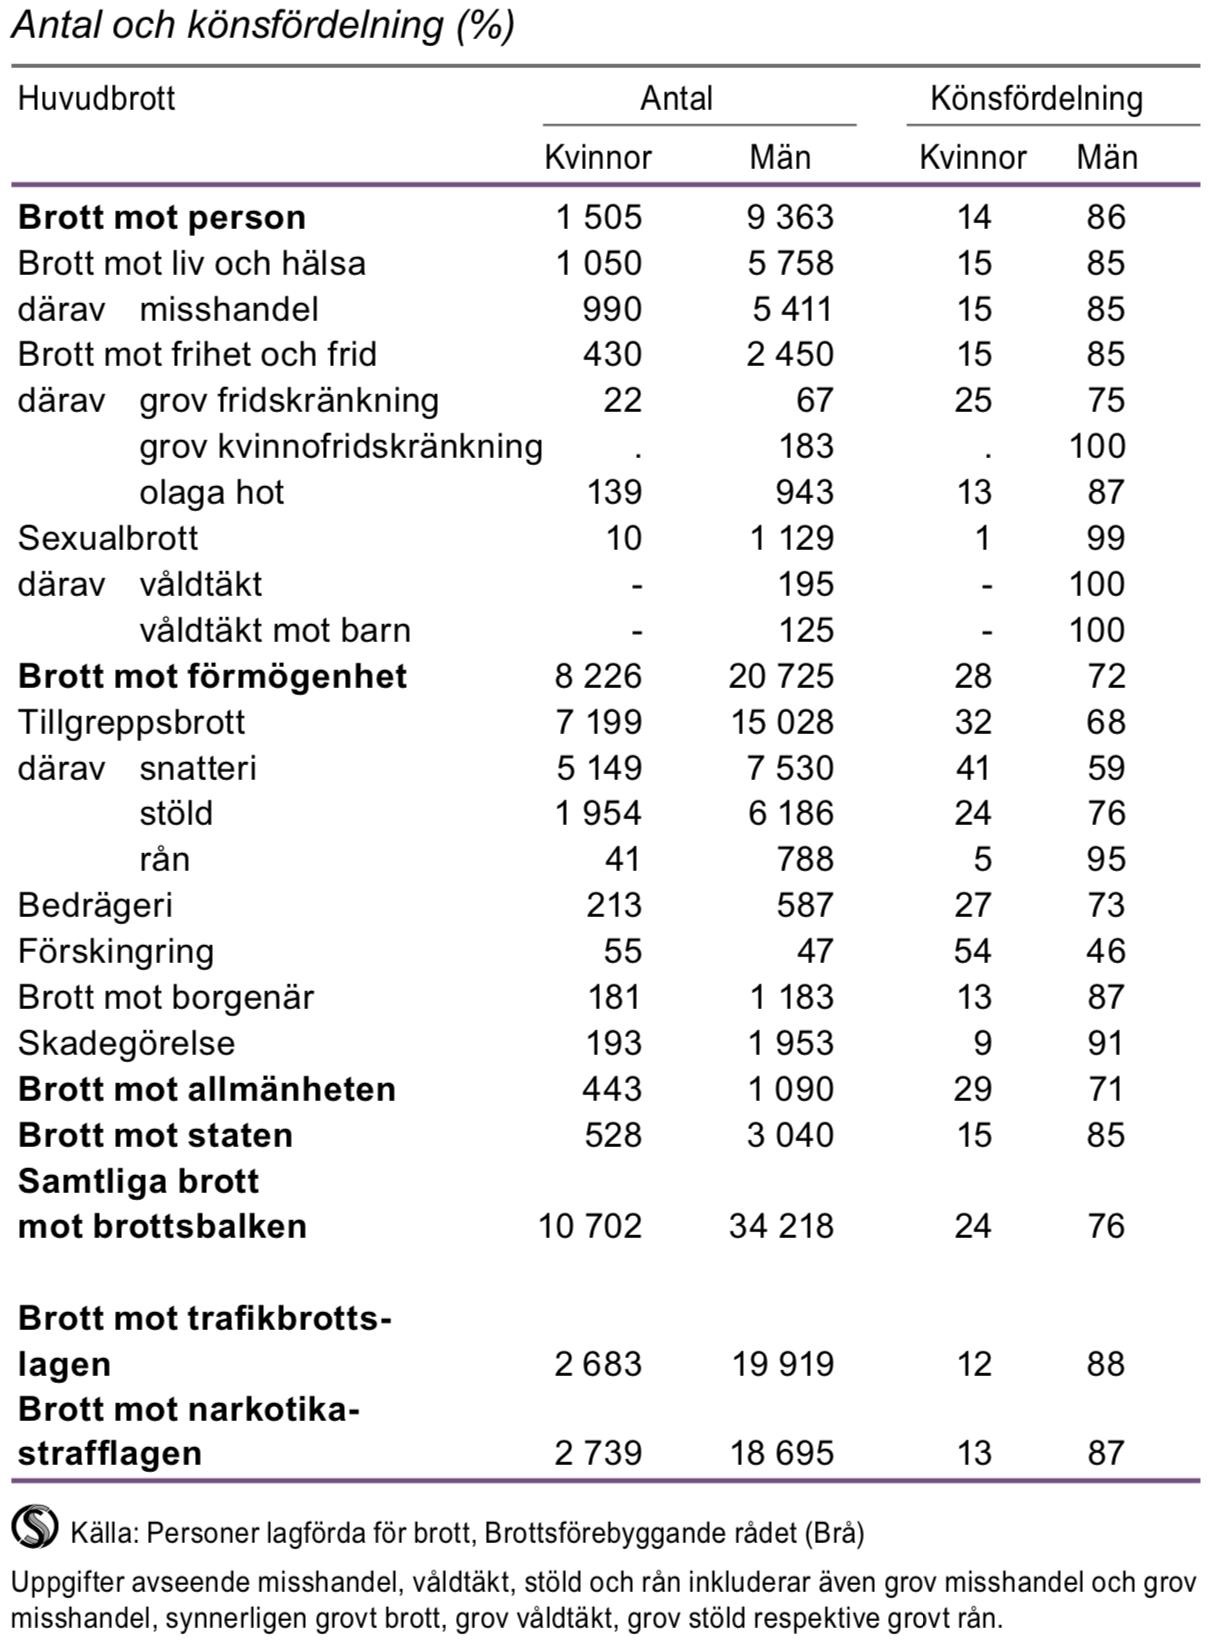 Lagförda för brott mot brottsbalken, trafikbrottslagen och narkotikastrafflagen 2014